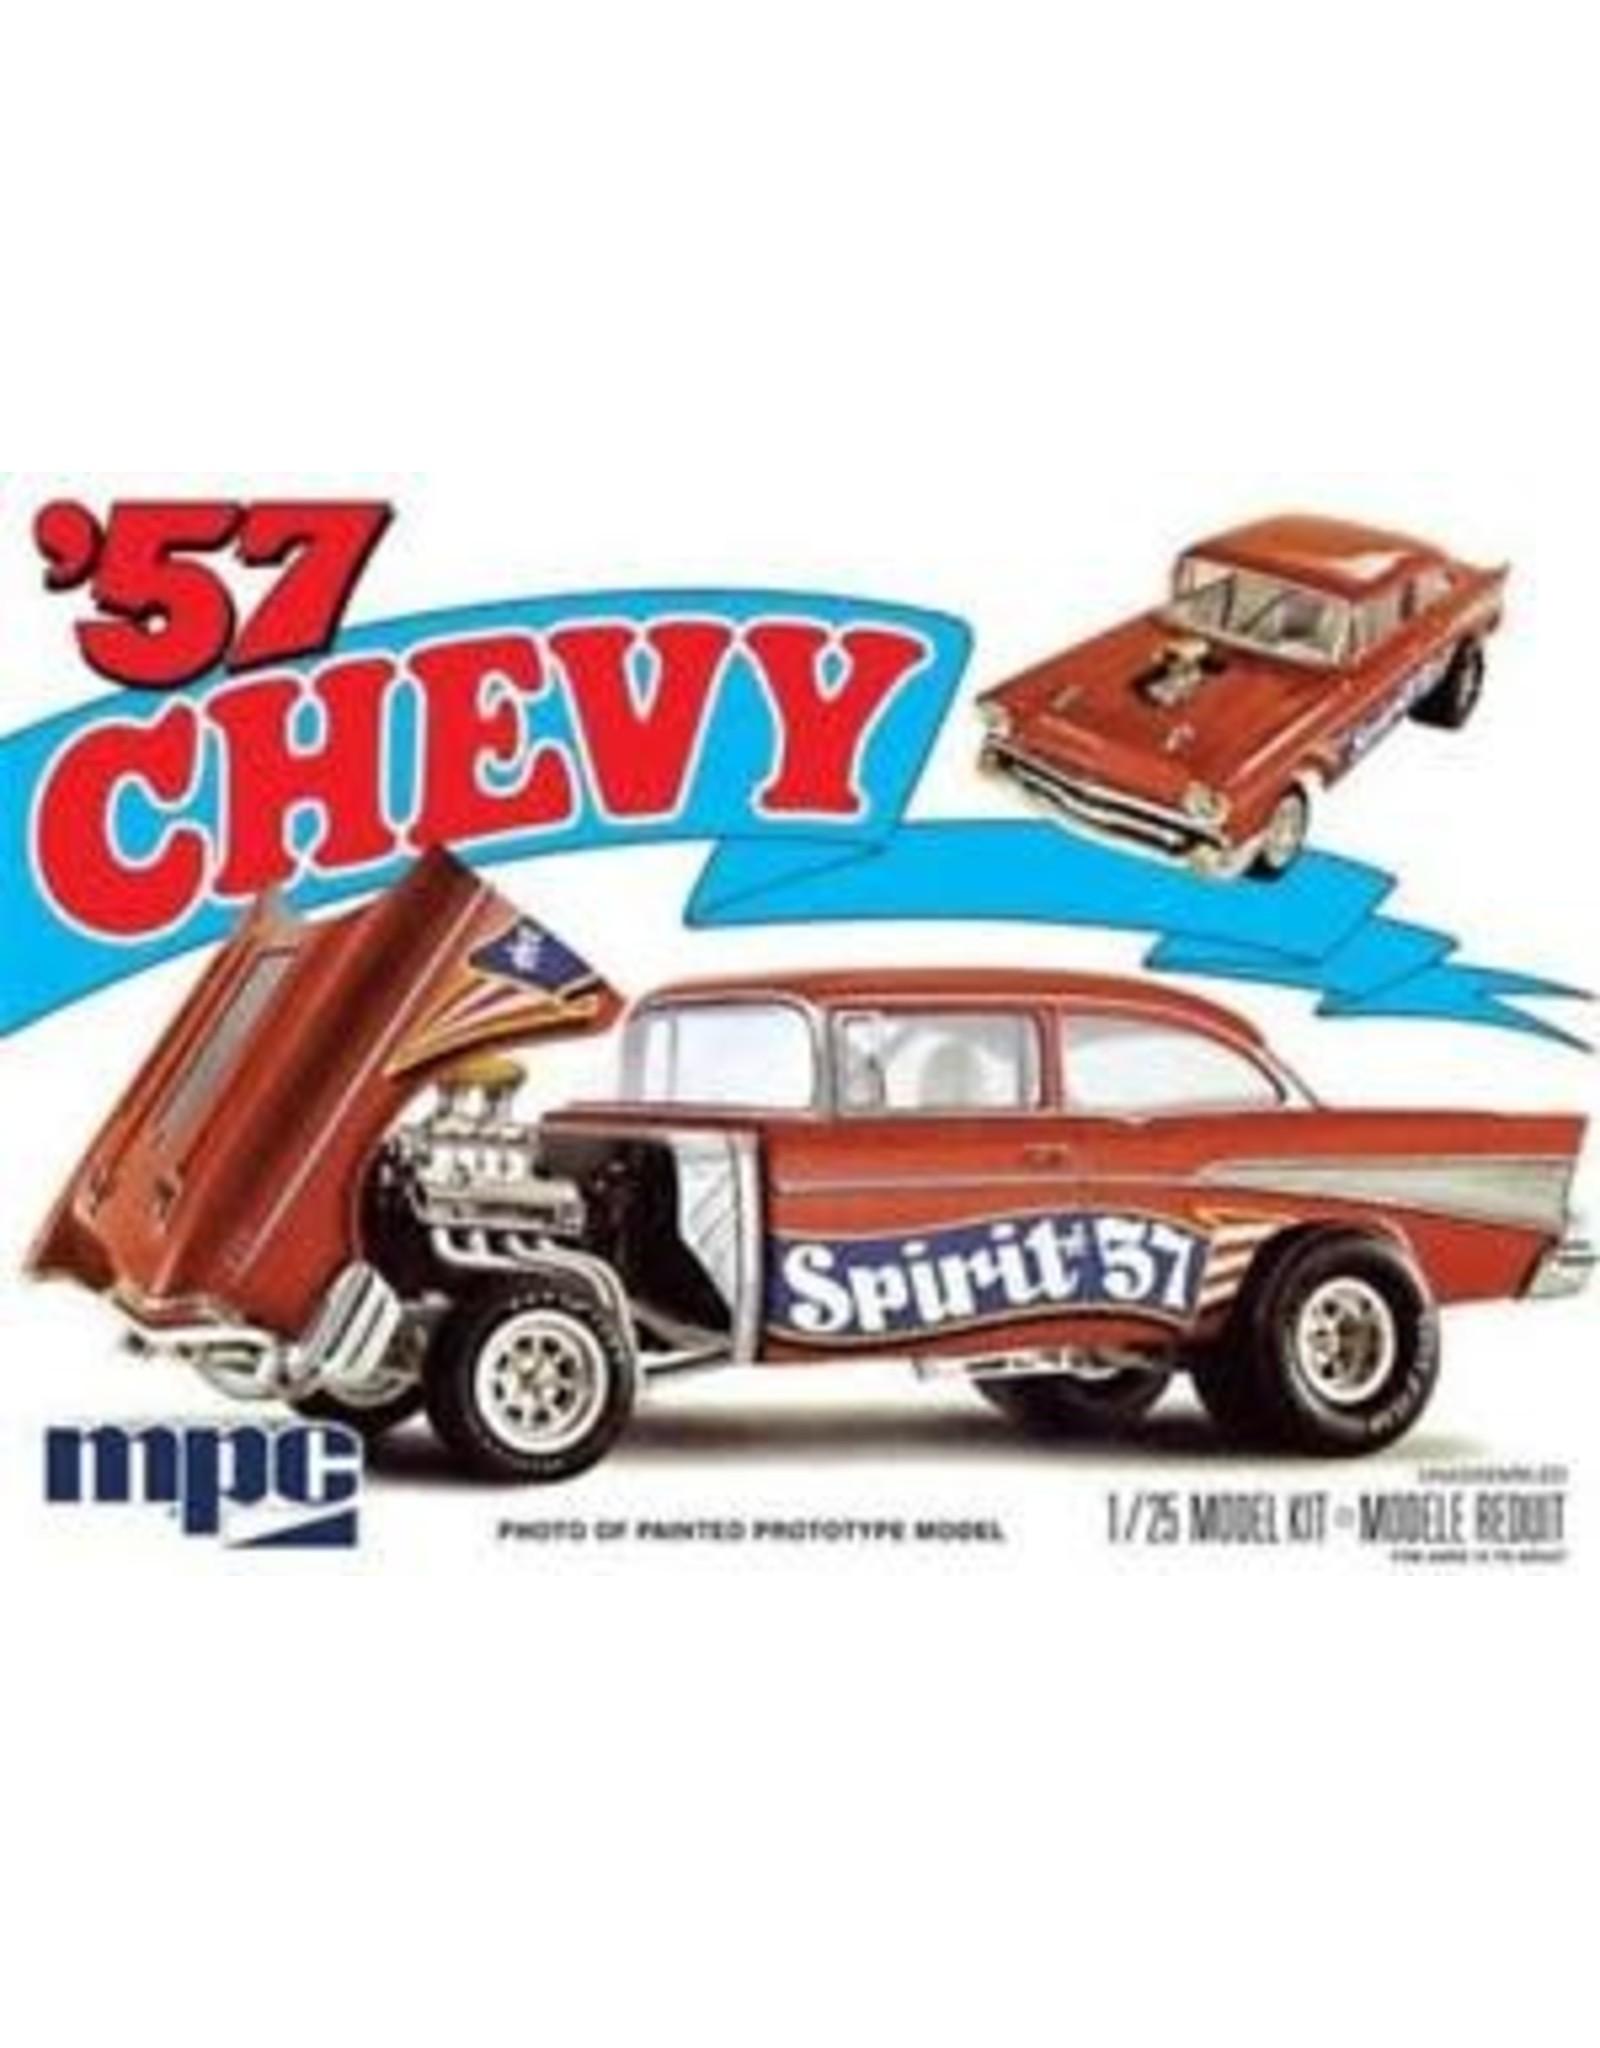 MPC 1957 CHEVROLET FLIP-NOSE SPIRIT OF 57 1:25